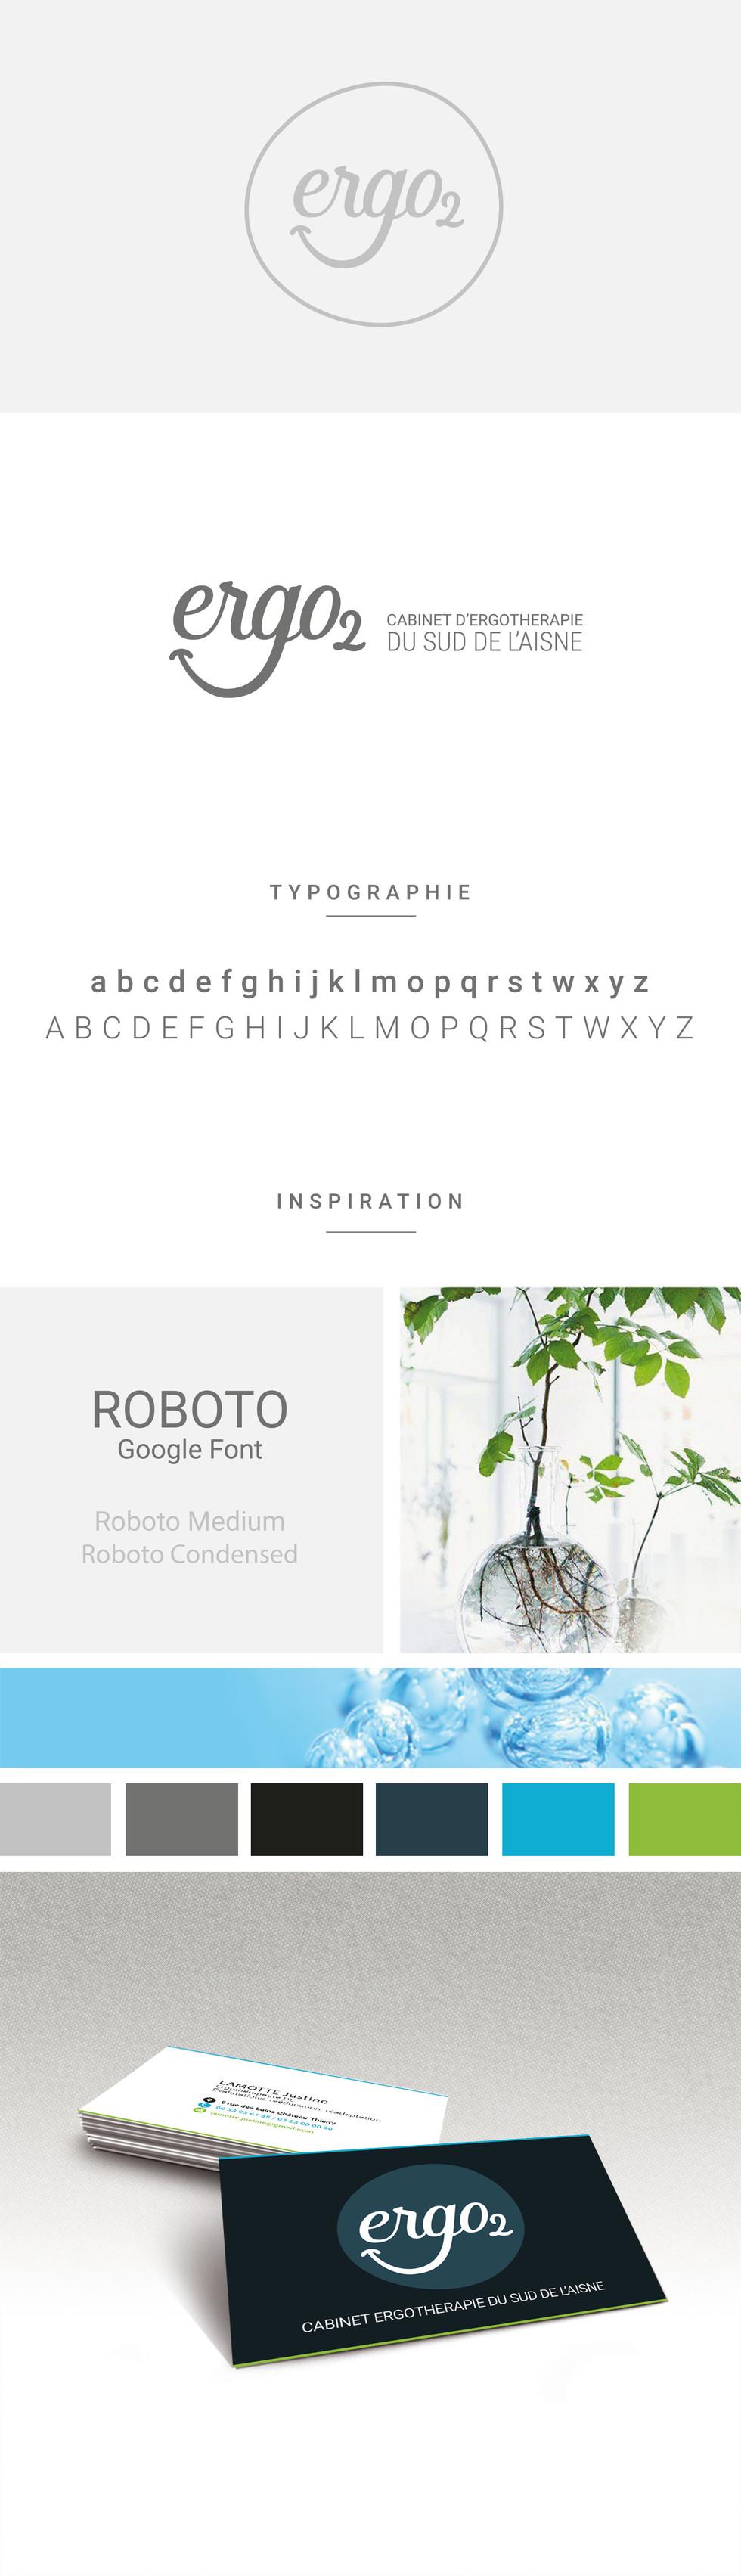 ergo02-branding.jpg